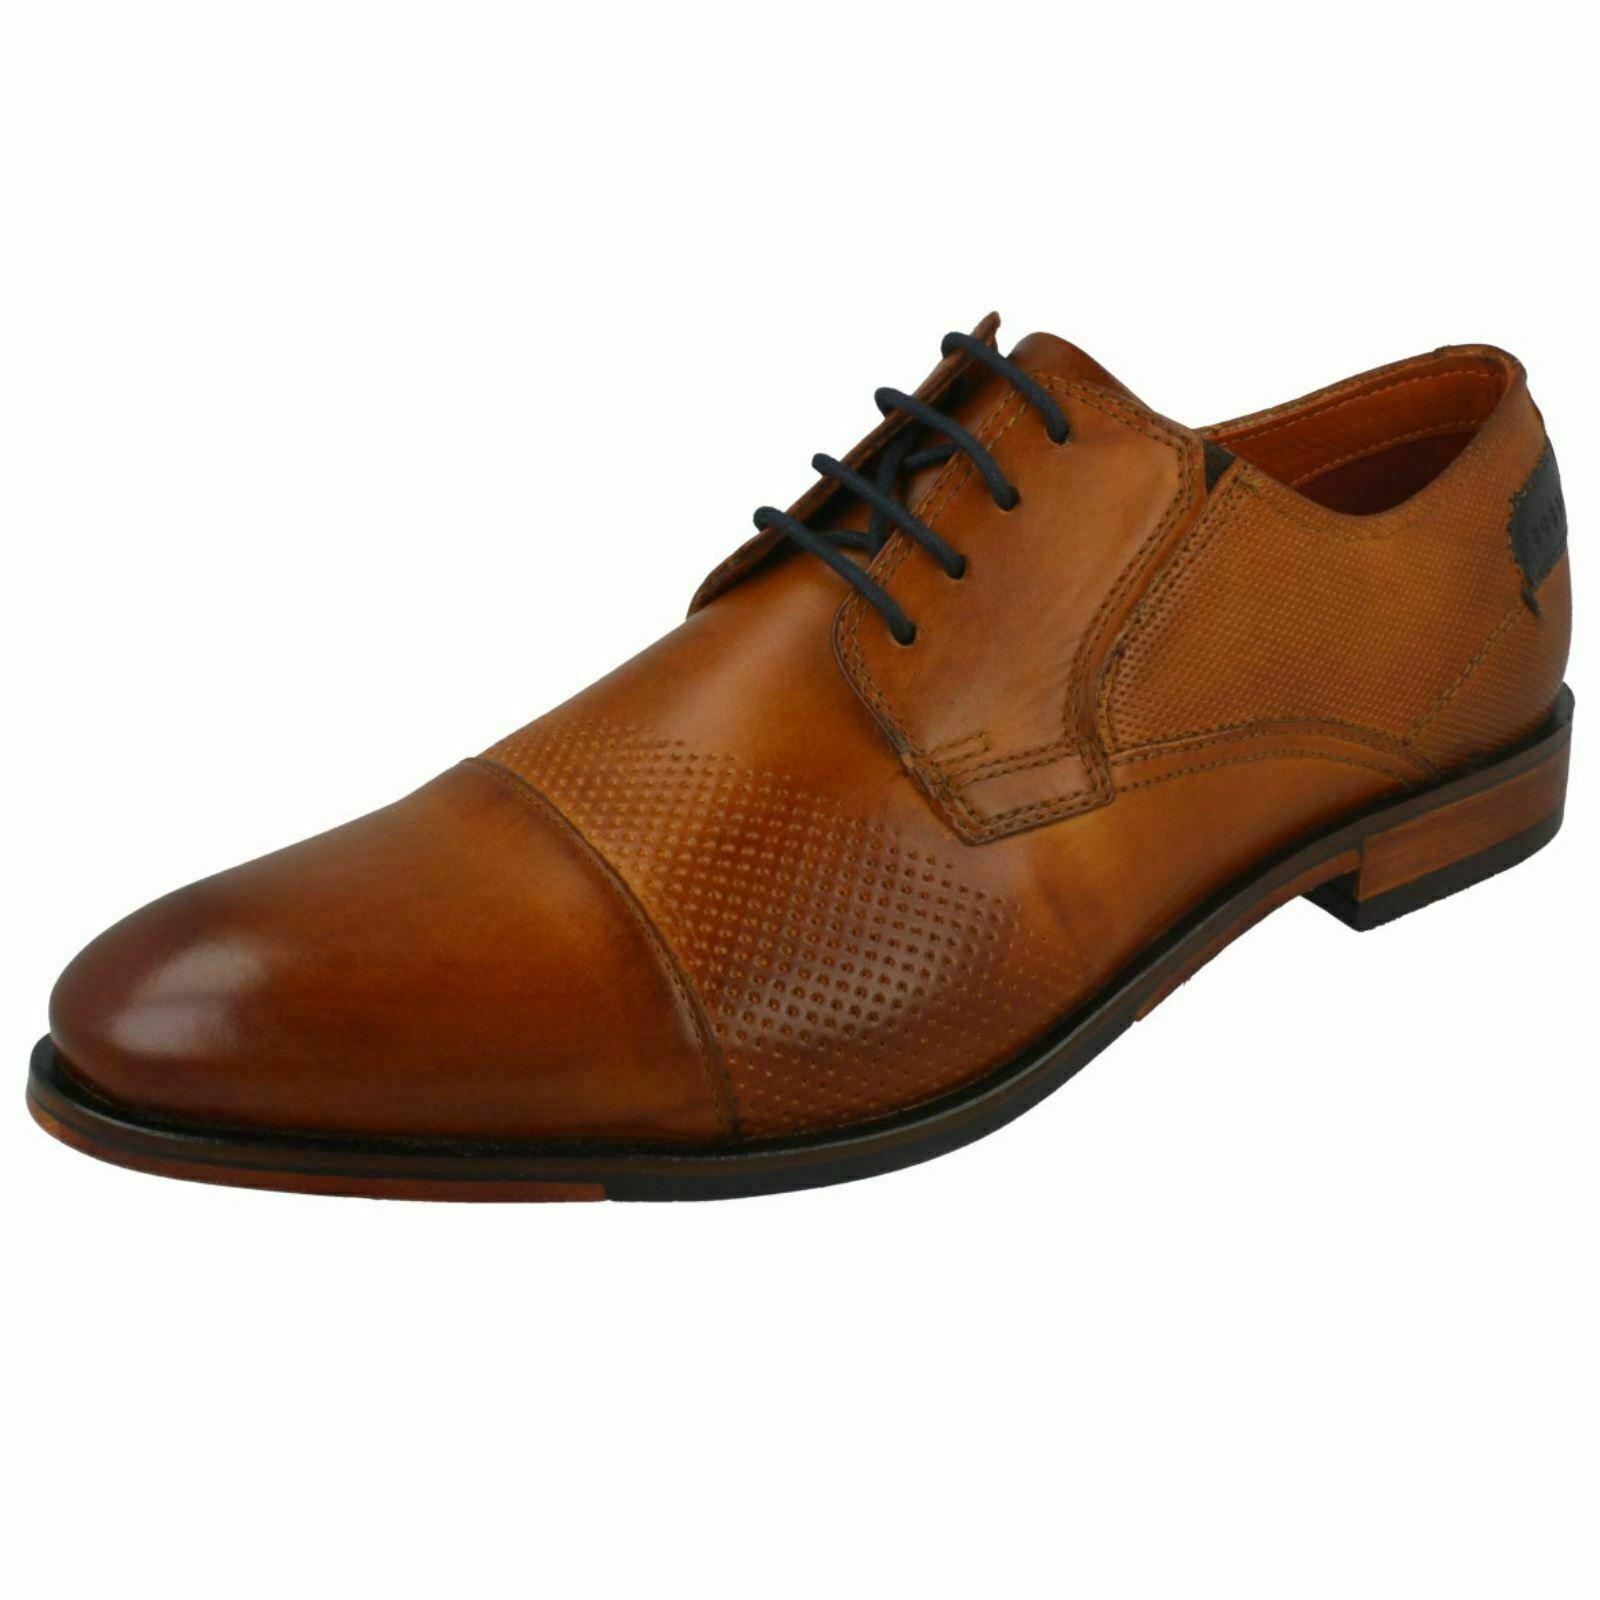 Hombre Bugatti Cagnac Cordones de Cuero Estilo Formal Zapatos Formales 1100